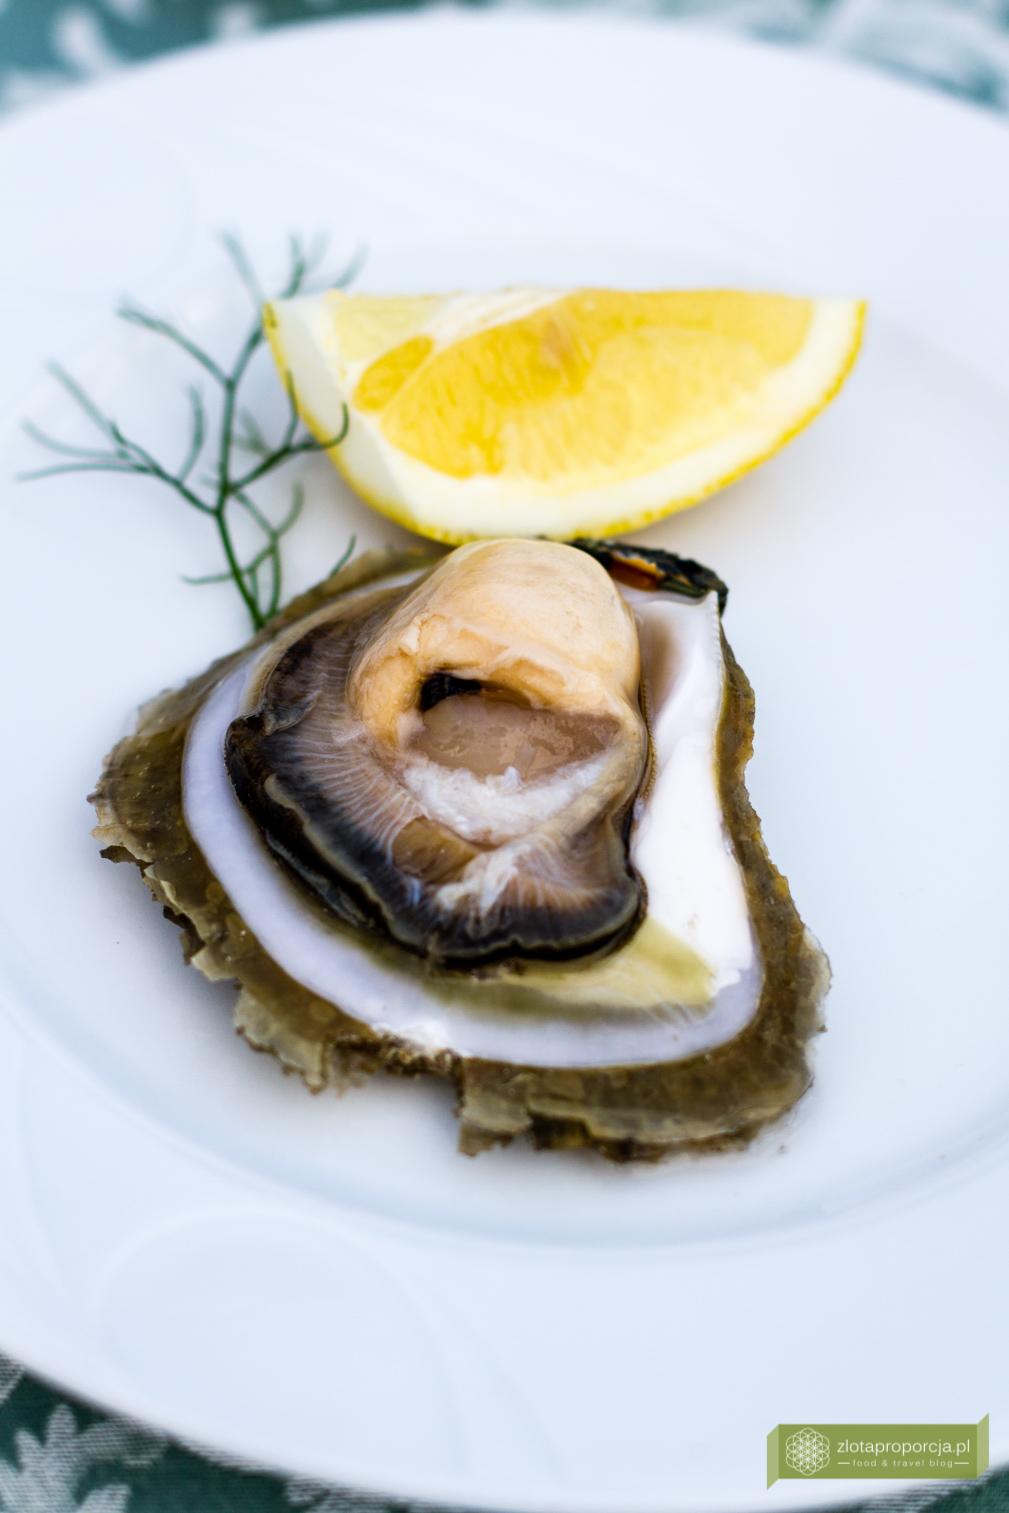 kuchnia chorwacka, kuchnia Istrii, Istria, co zjeść na Istrii, kanał Limski, ostryga